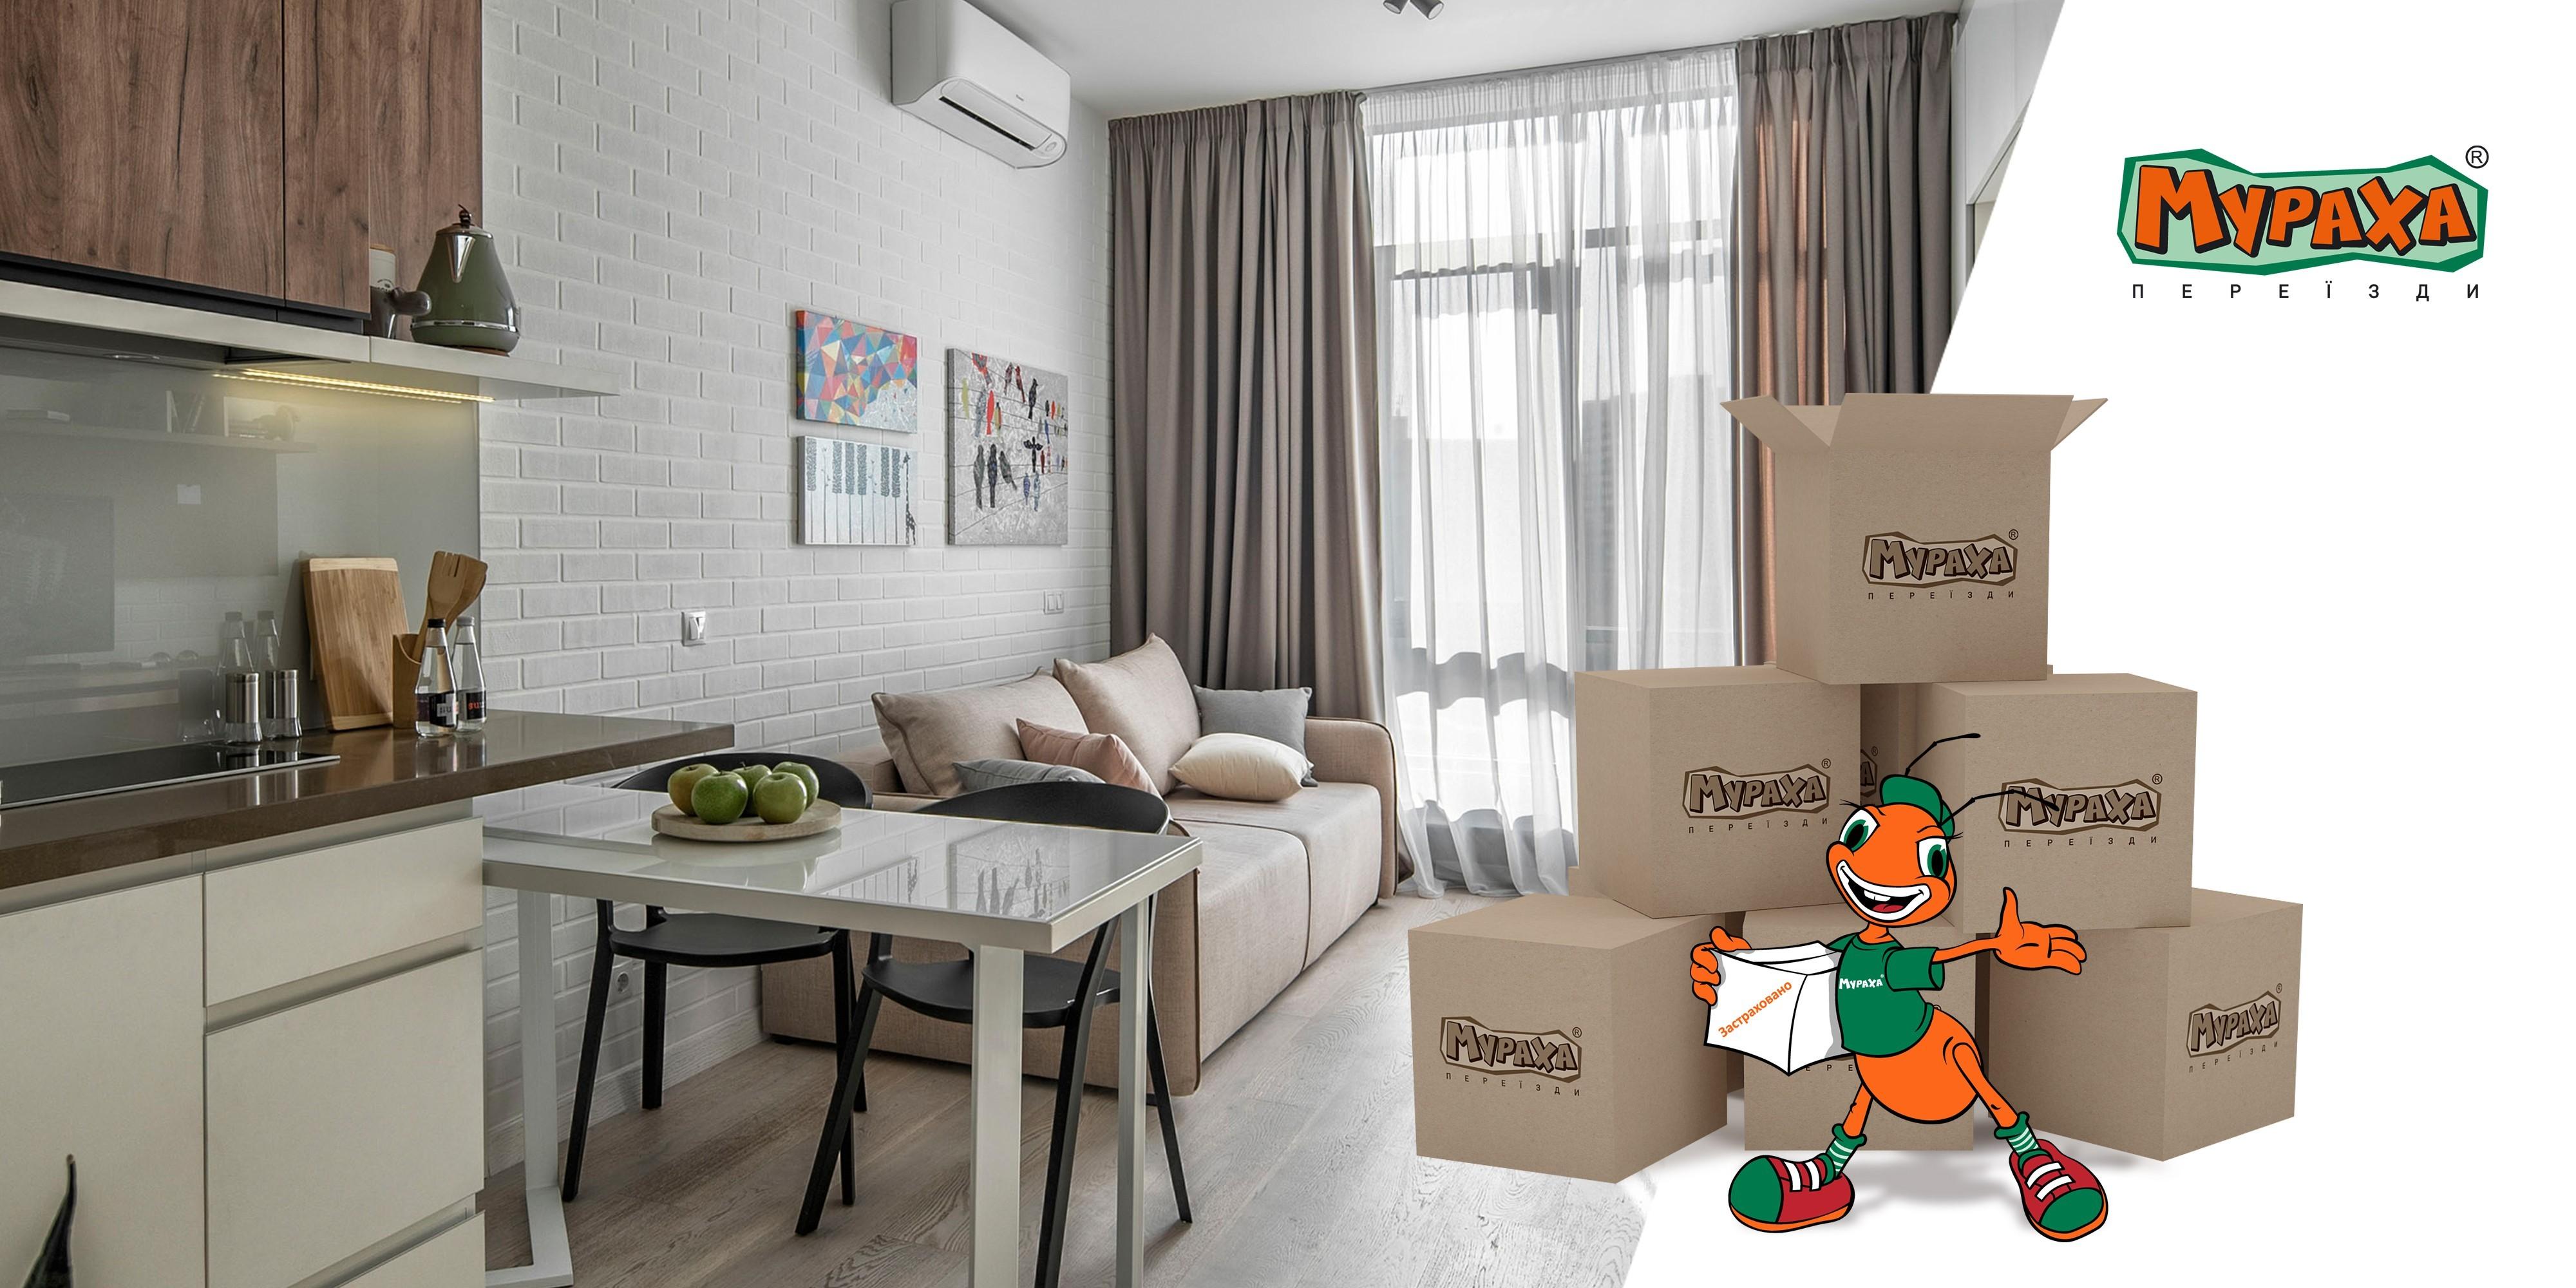 Як мешканцям S1 VDNG заощадити на переїзді